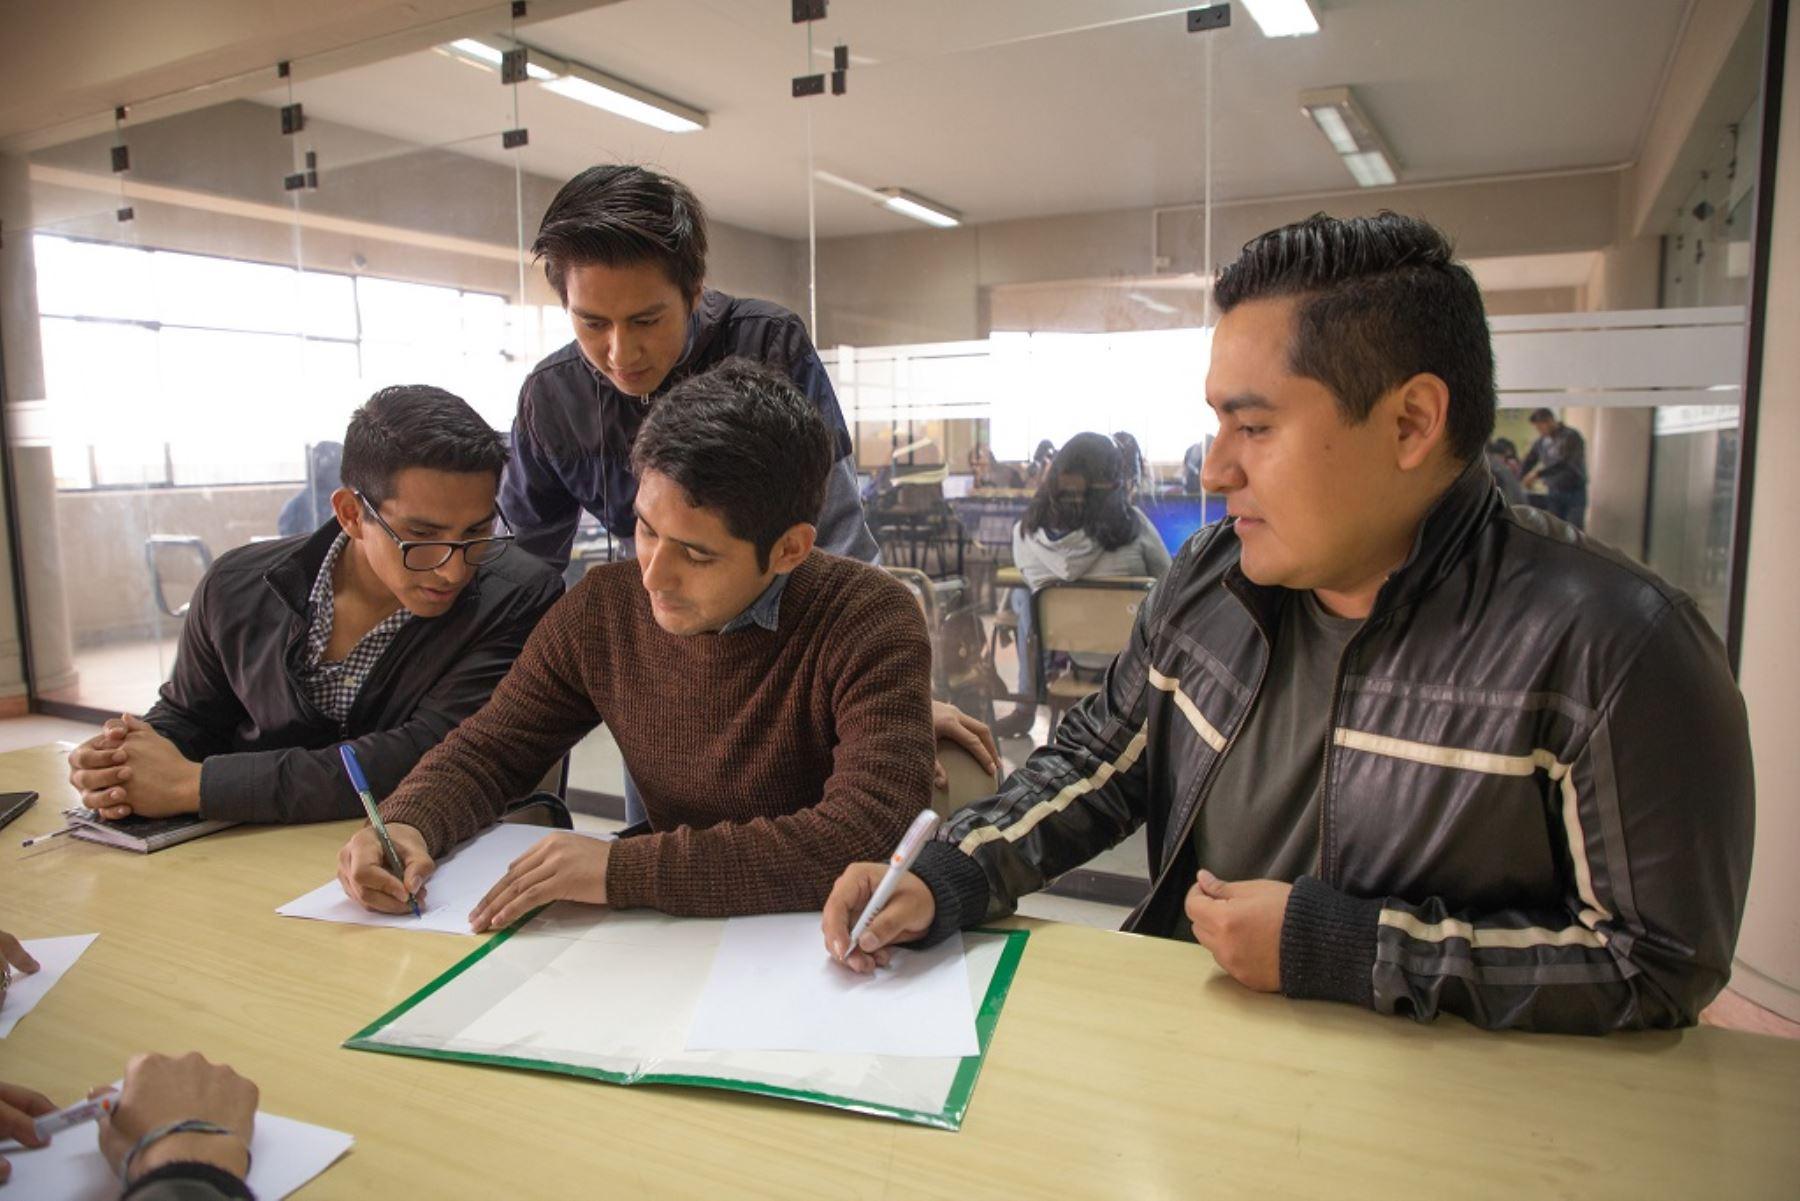 Postulación puede hacerse hasta 13 de agosto y beneficiará a alumnos afectados por pandemia del covid-19. Foto: ANDINA